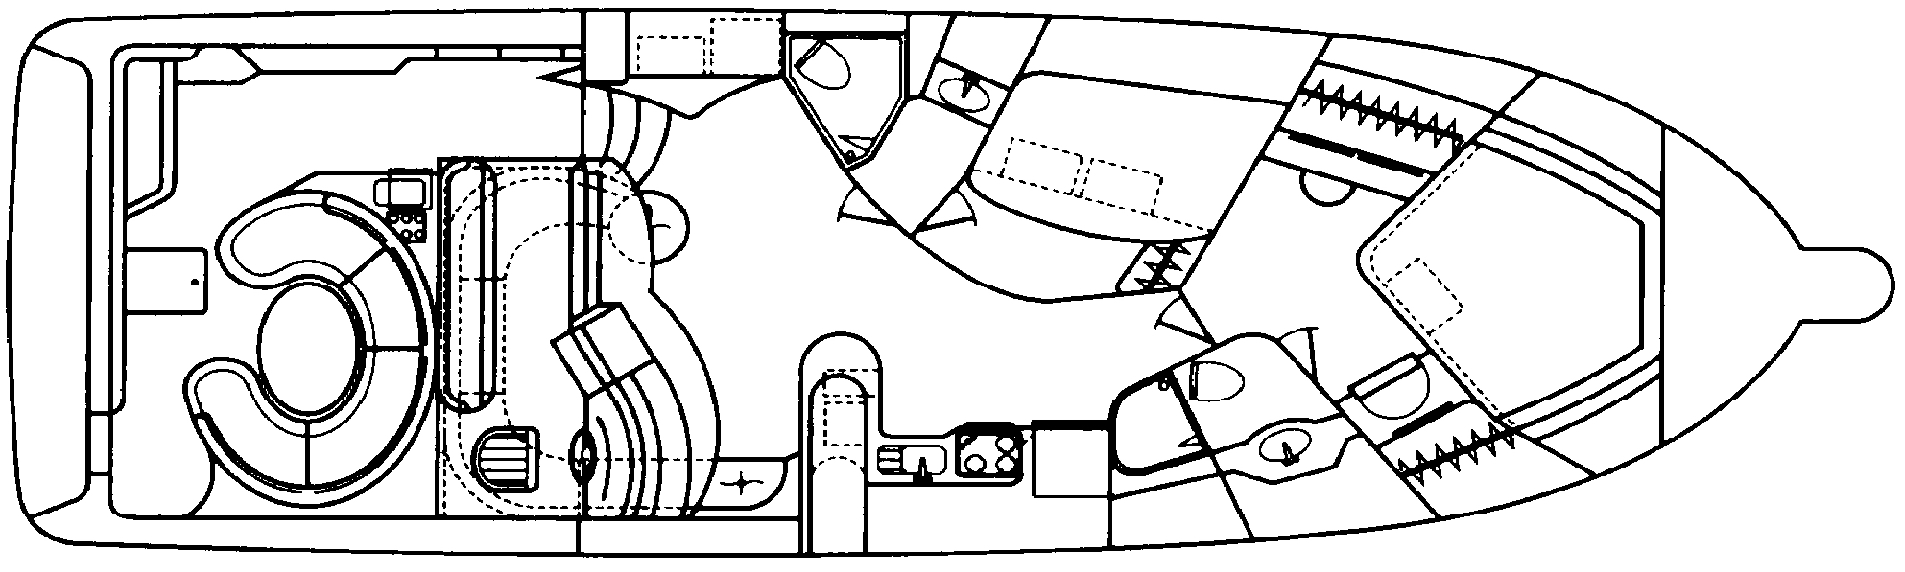 480-500 Sundancer Floor Plan 1